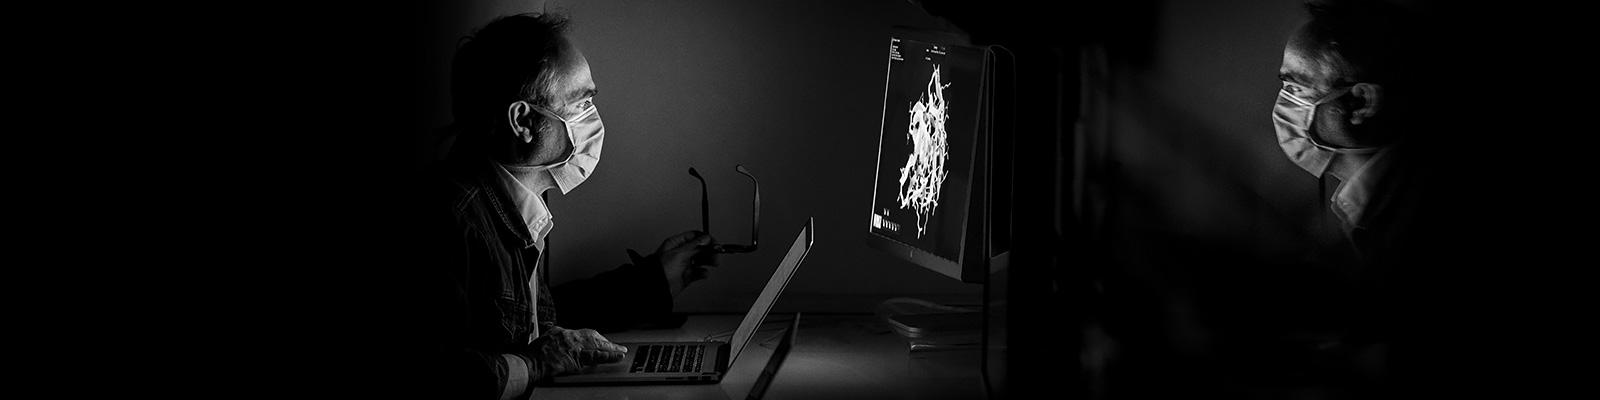 ウイルス サイバー攻撃 マスク イメージ